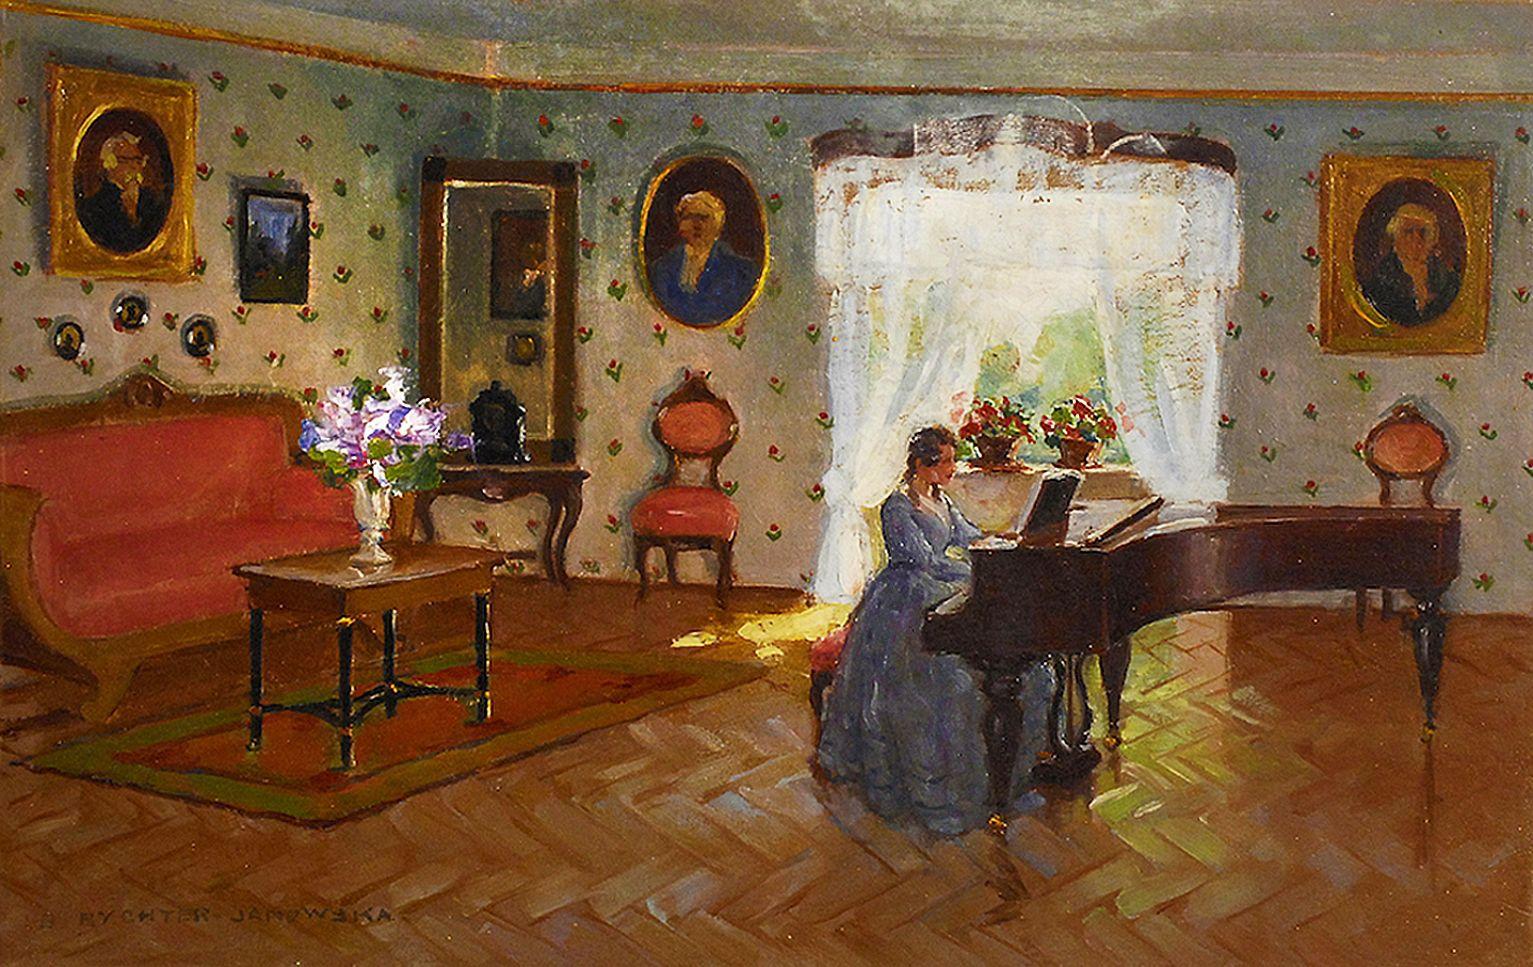 Броніслава Яновська. Жінка за роялем біля вікна, 1937; картон, олія